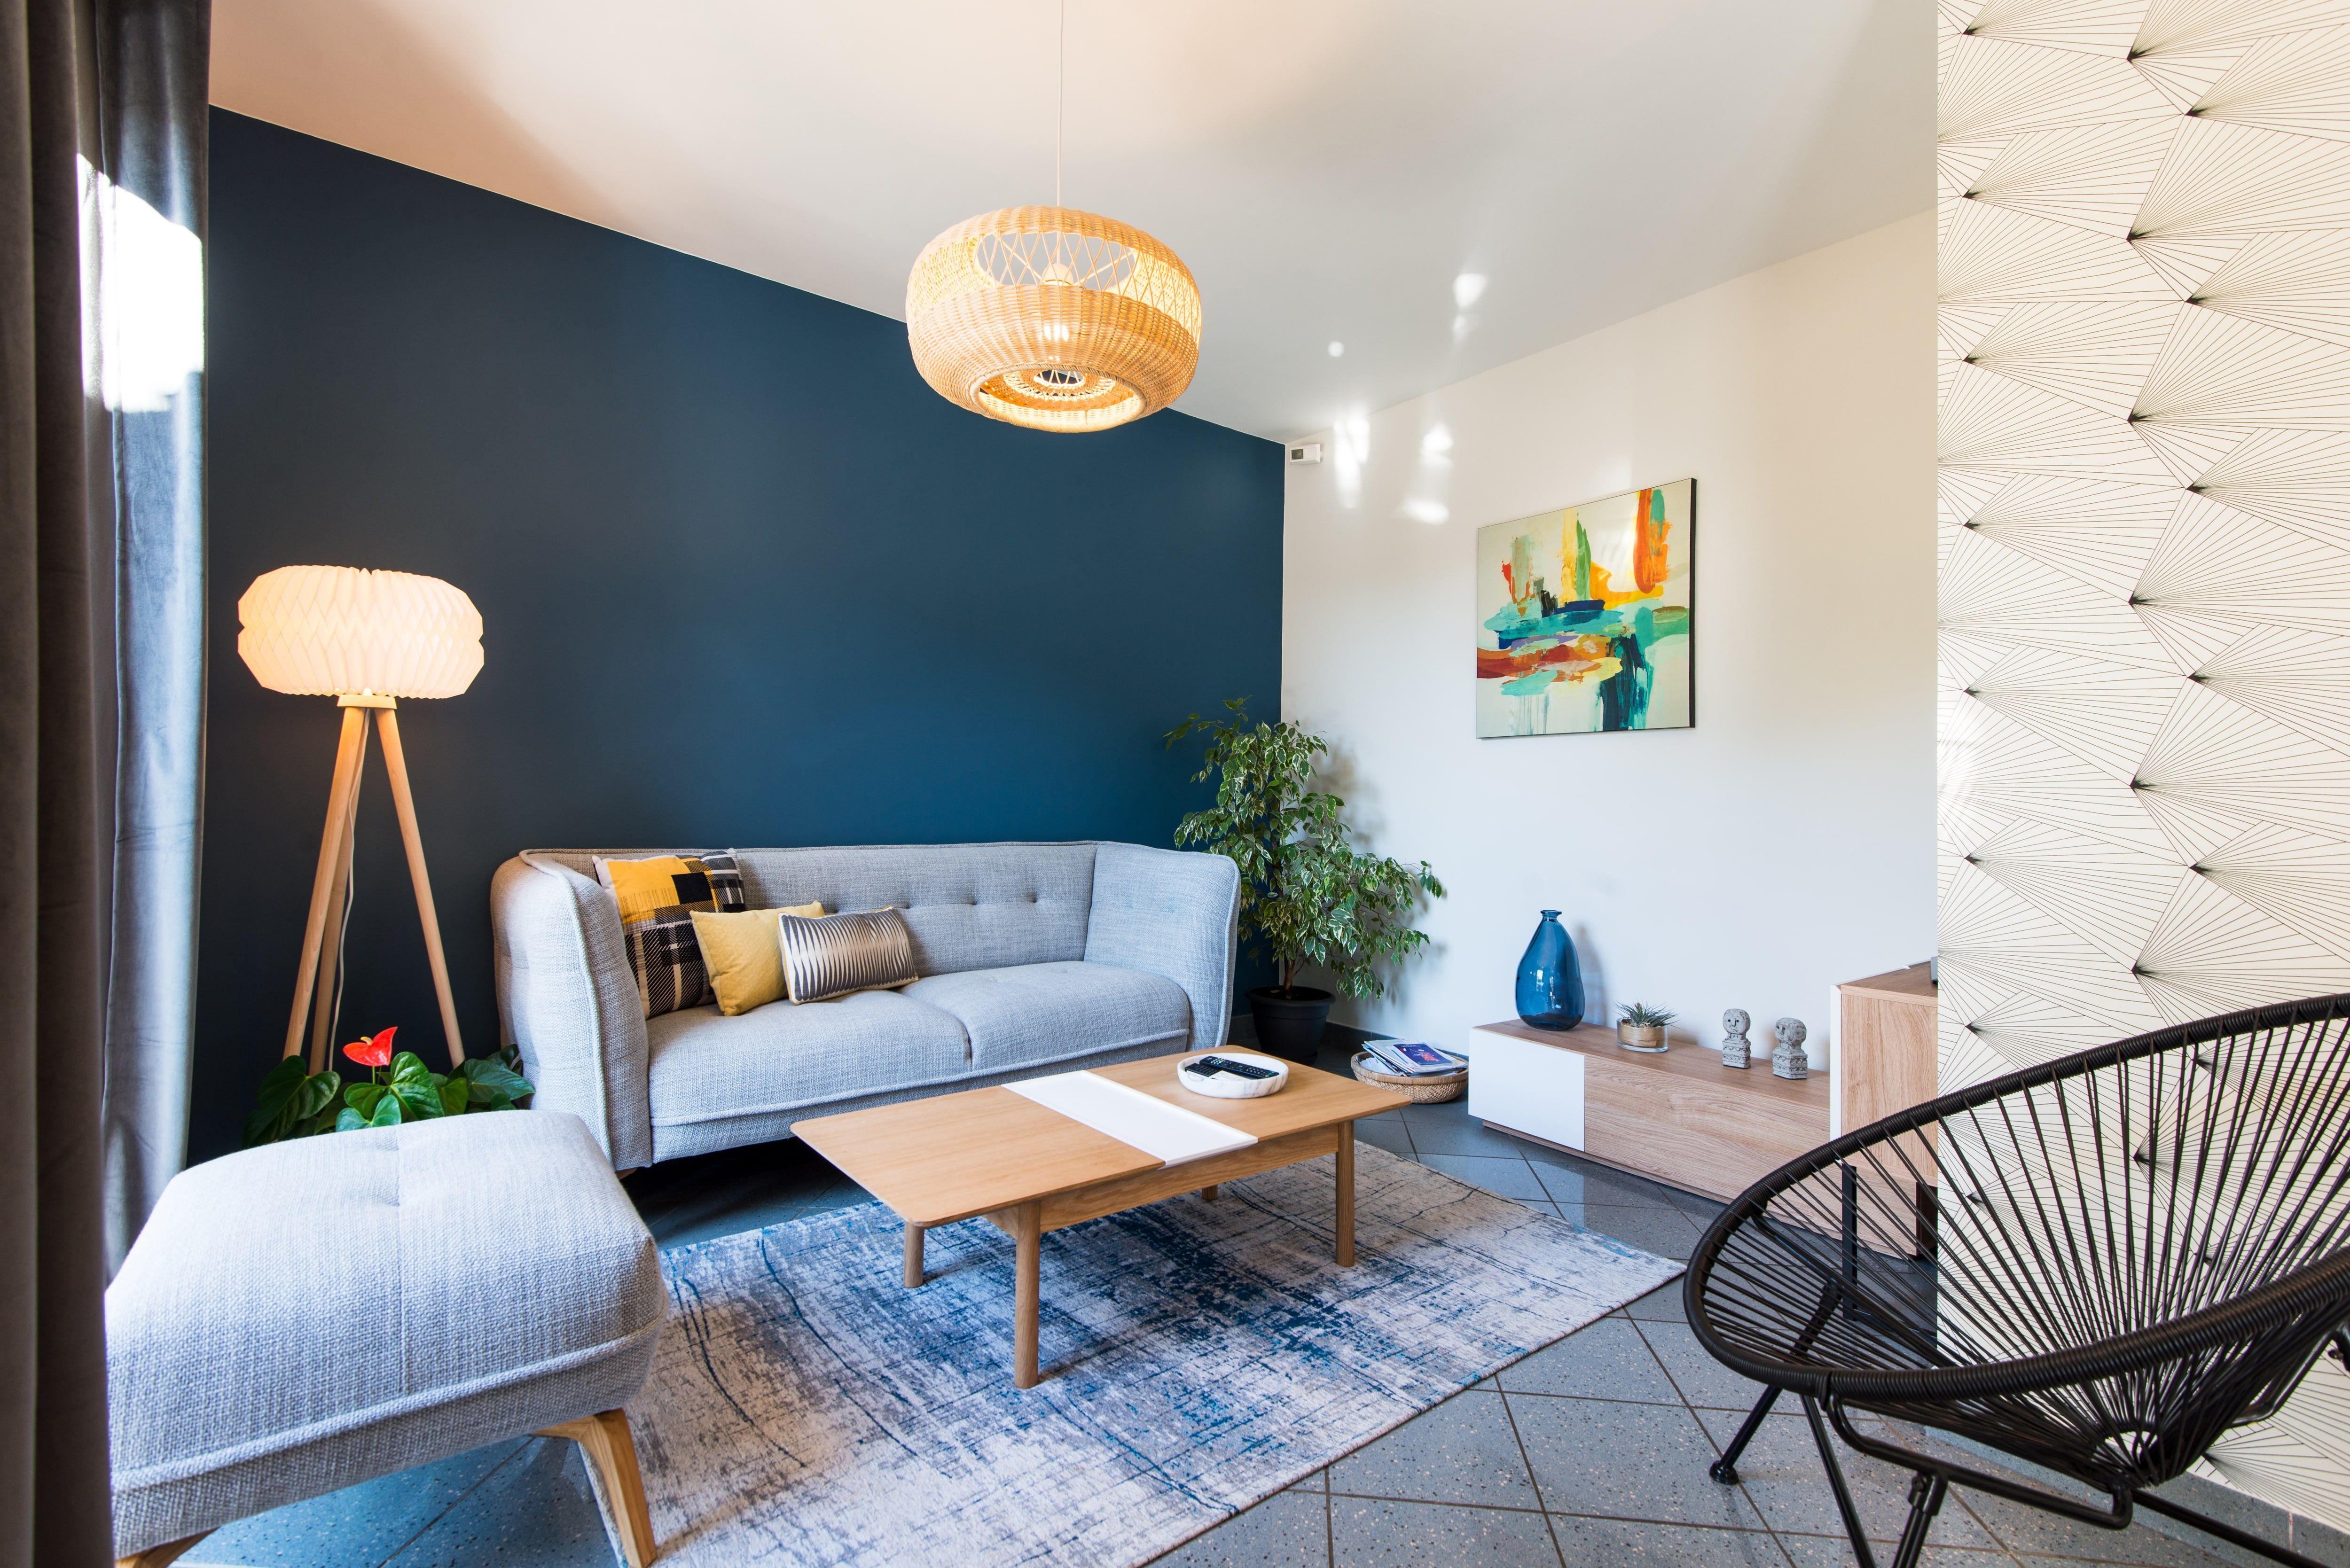 Décoration villa gardoise, Les Angles, salon bleu et gris ...